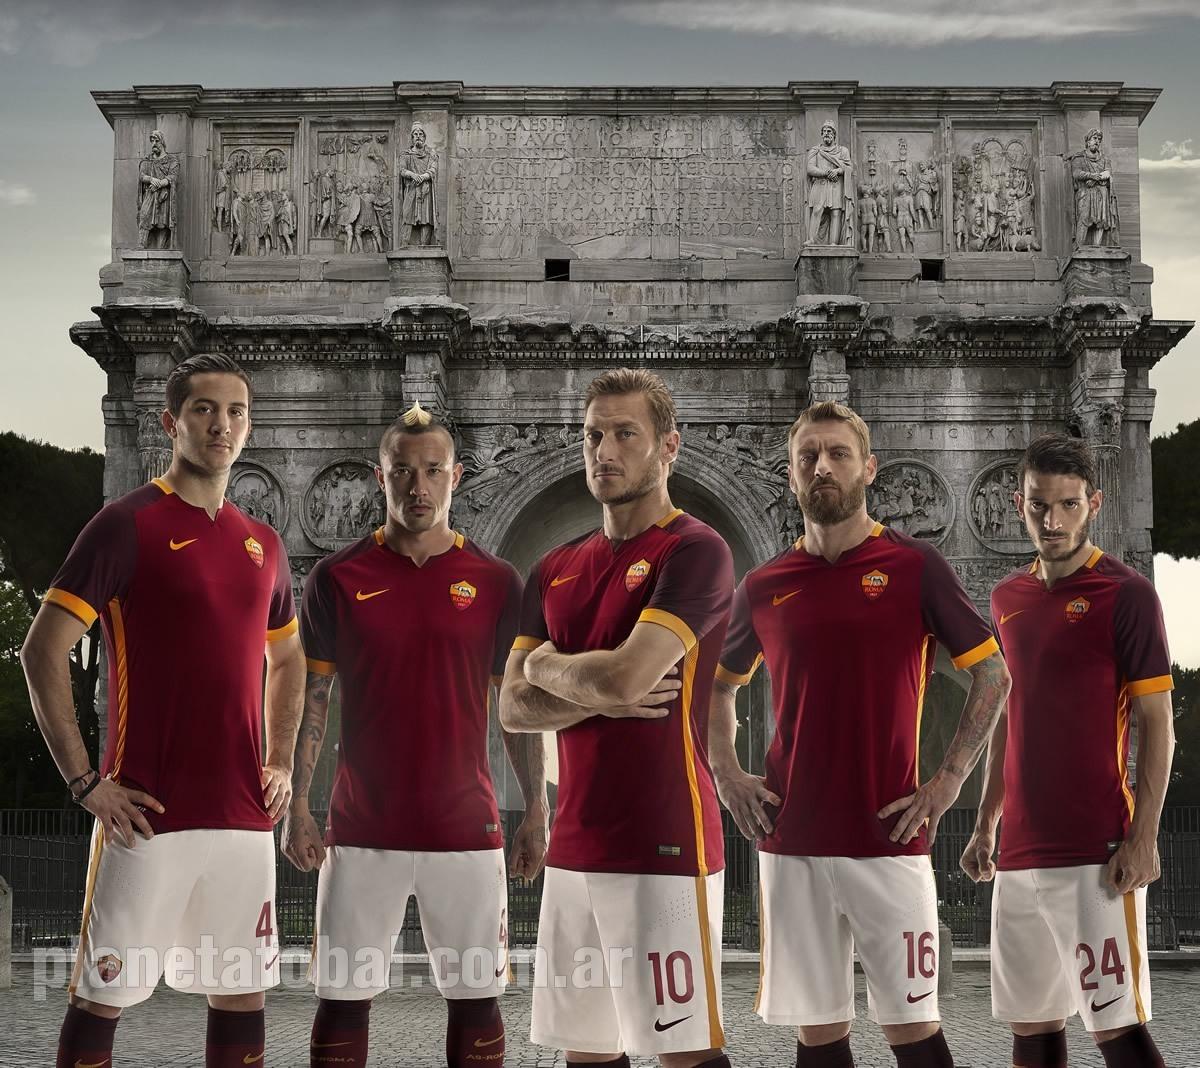 Totti y otros jugadores con la casaca | Foto Nike